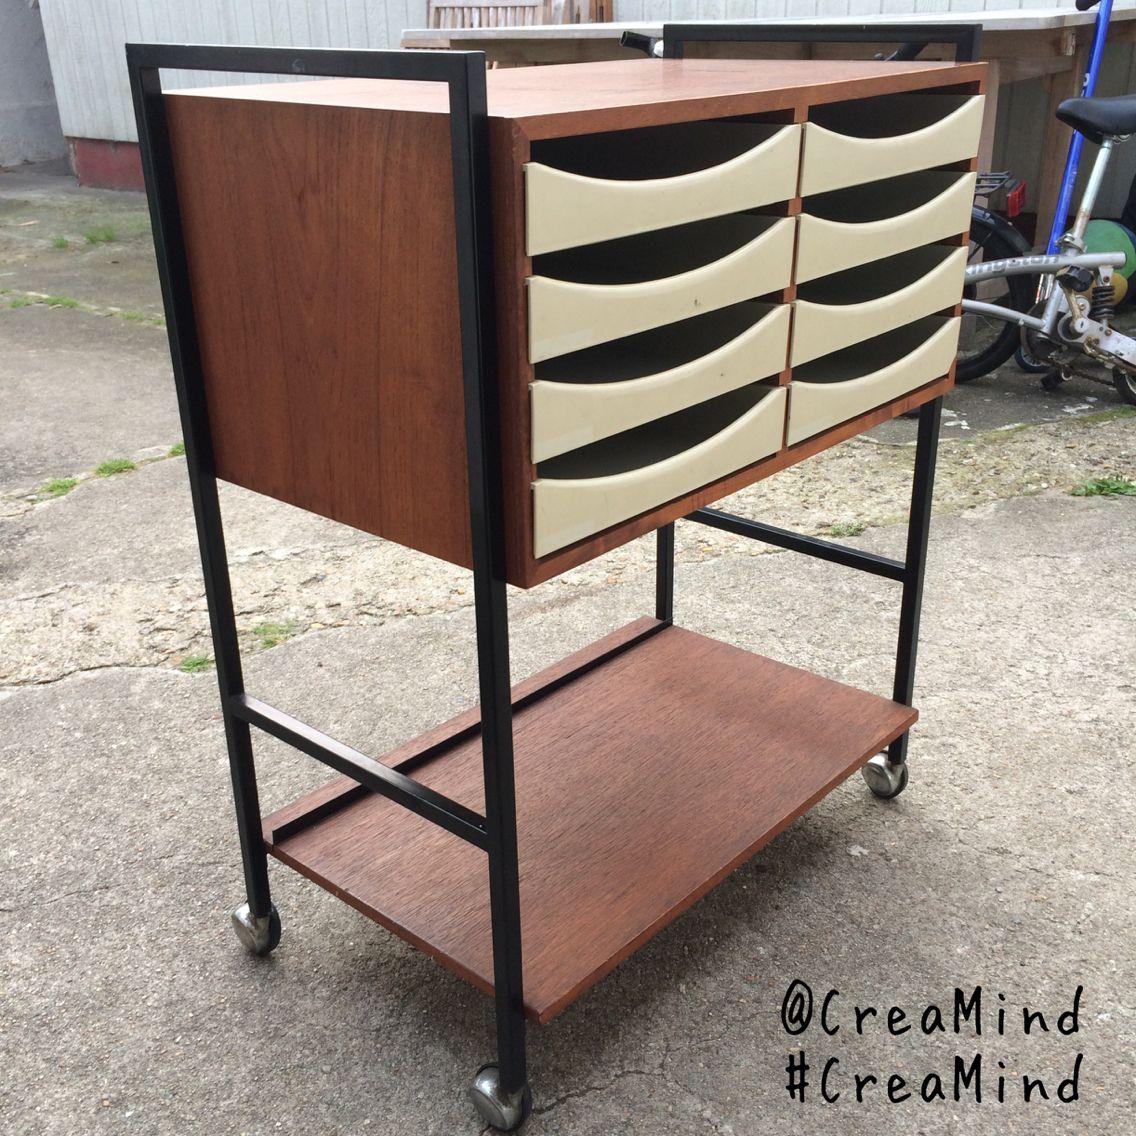 Genbrugsguld, loppefund, retro, teak! Jeg elsker dette fantastiske gamle møbel, det stammer fra et gammelt trykkeri og nu har det fået nyt liv i mit køkken ❤️